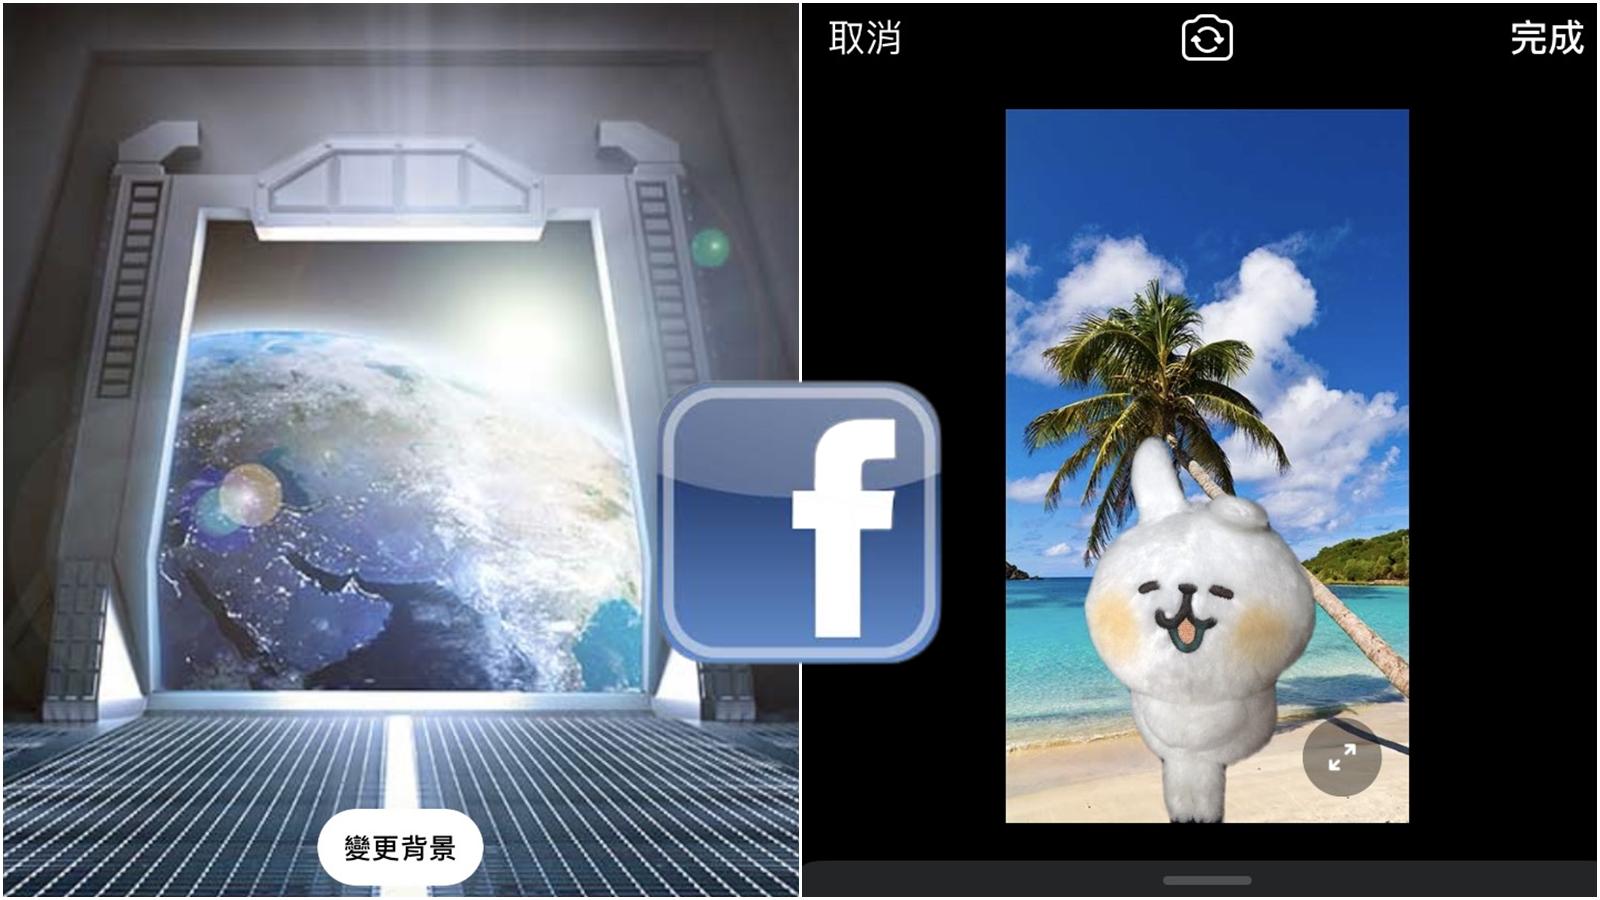 【科技新知】FB臉書限時動態「綠幕」功能介紹!拍照能自由更換背景!